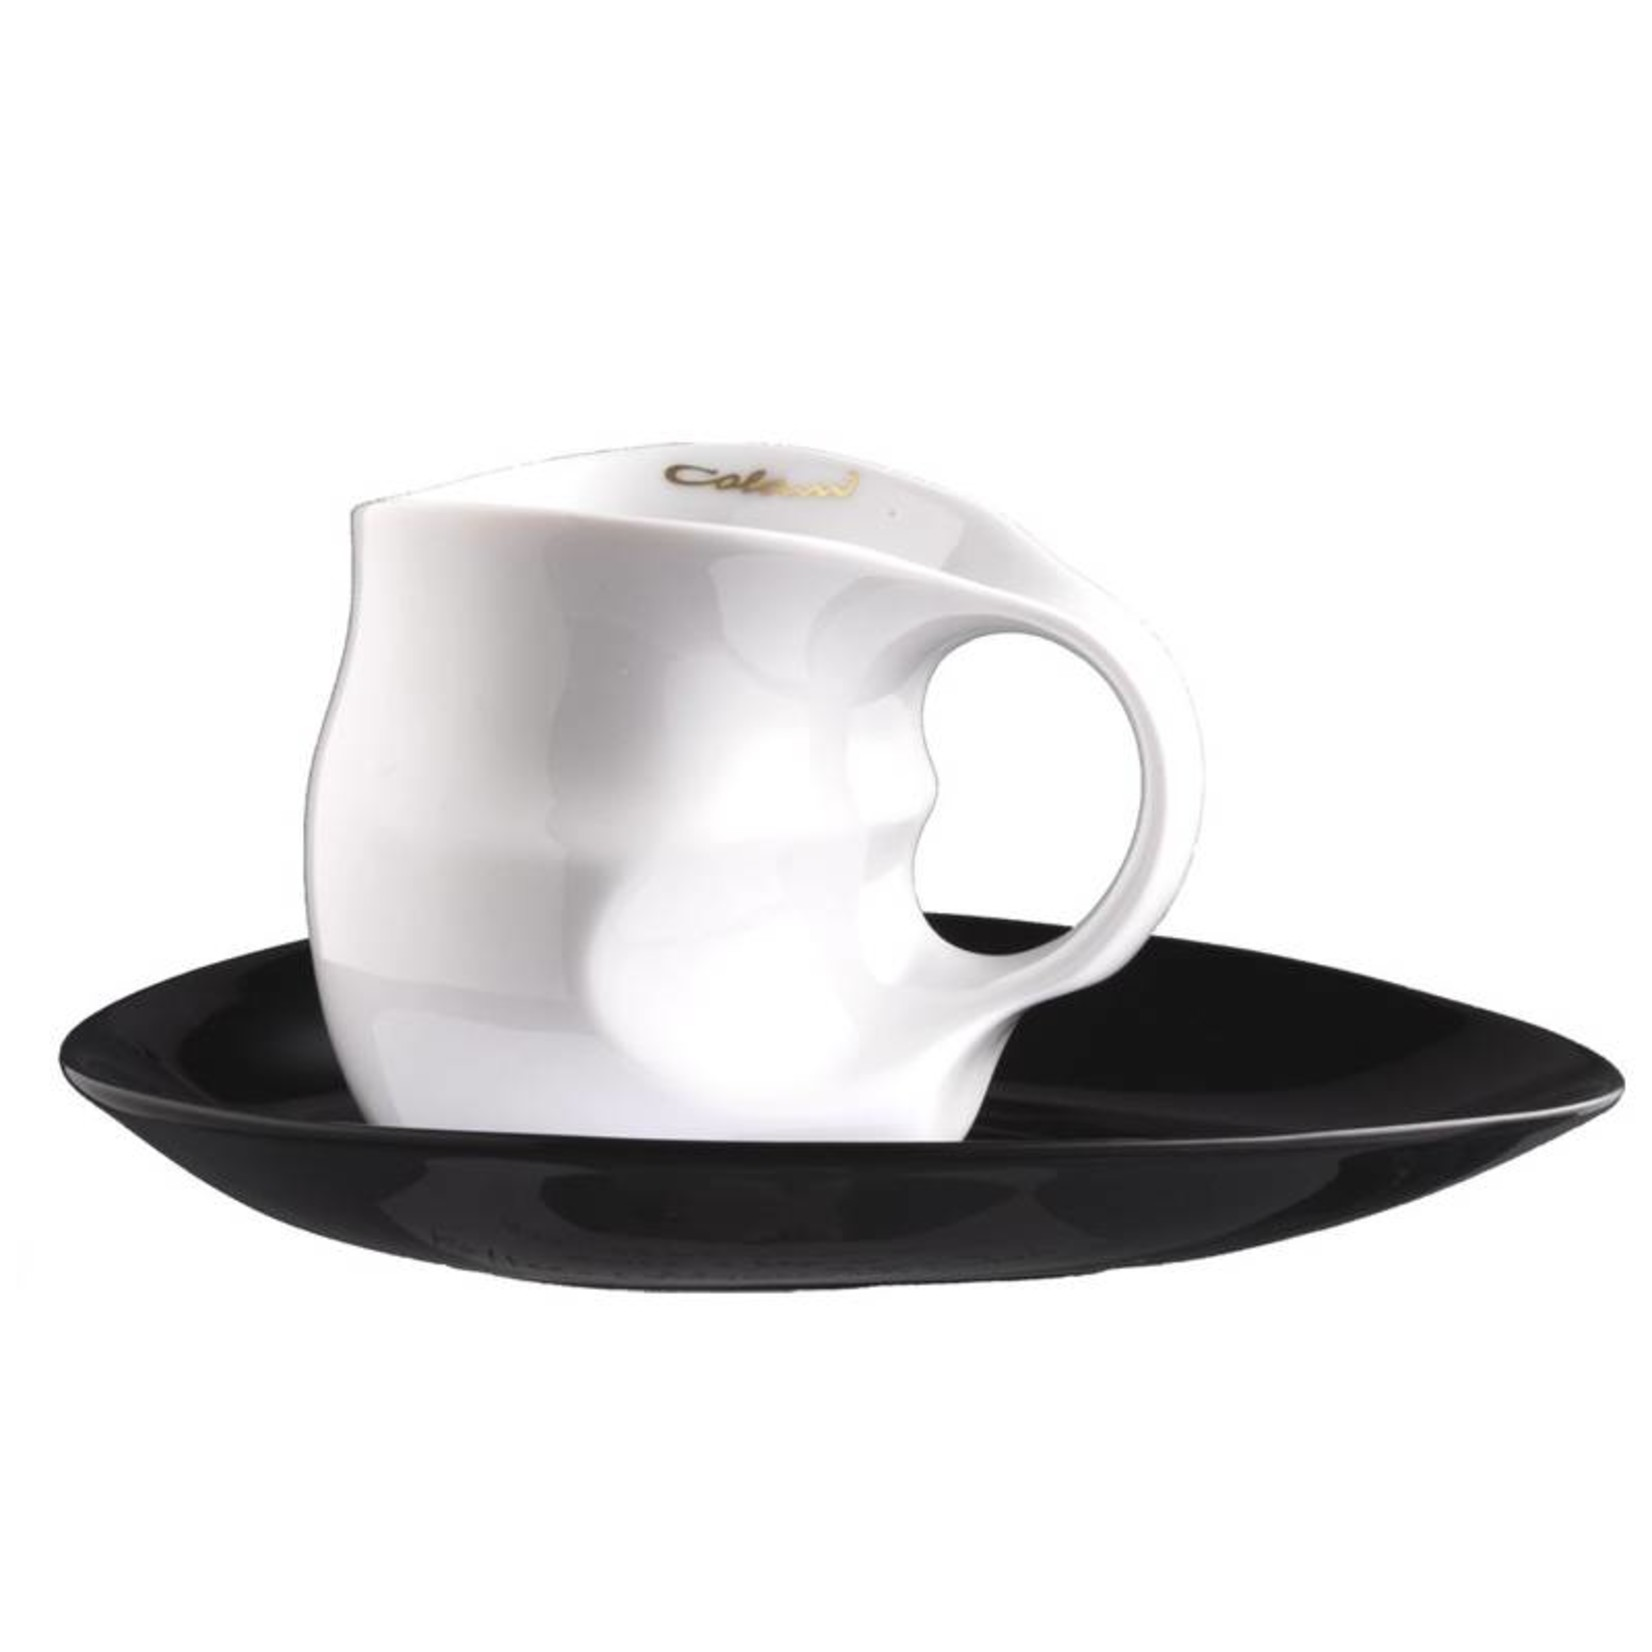 Colani Porzellanserie Colani Kaffee-/Cappuccinotasse | Tasse inkl. Unterteller | weiß